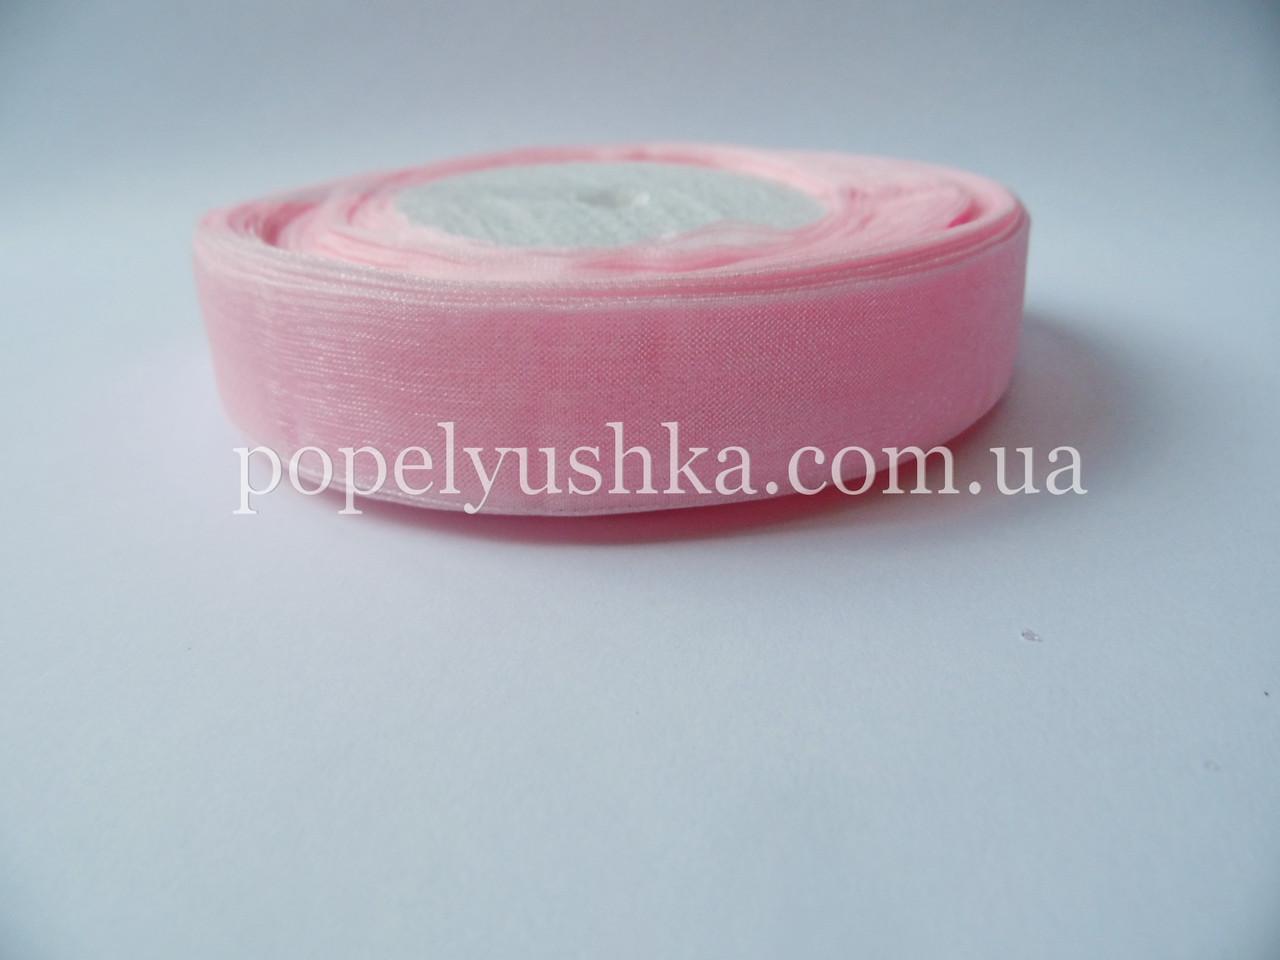 Стрічка органза 2 см блідо-рожева